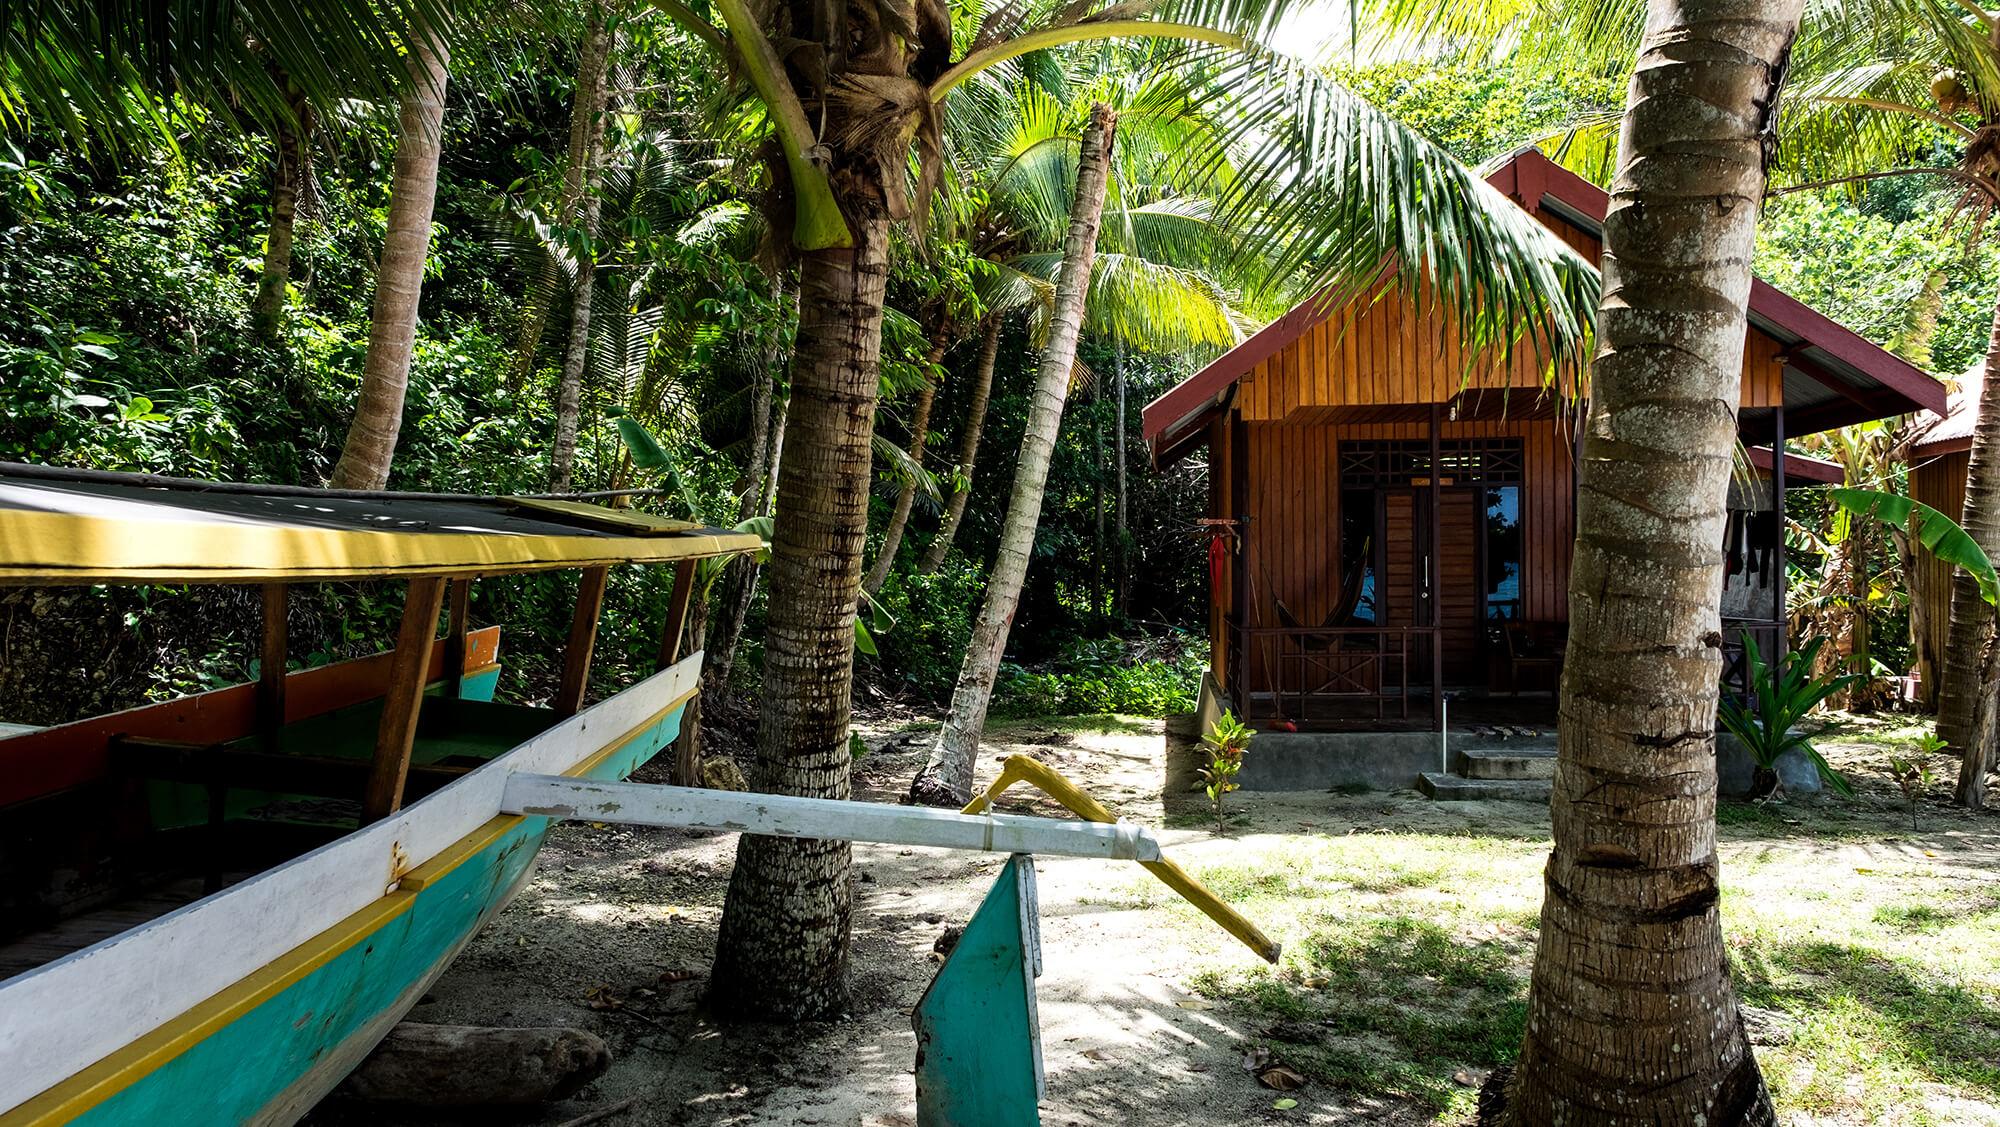 Cabaña en la isla de Malenge en las Togean Islands